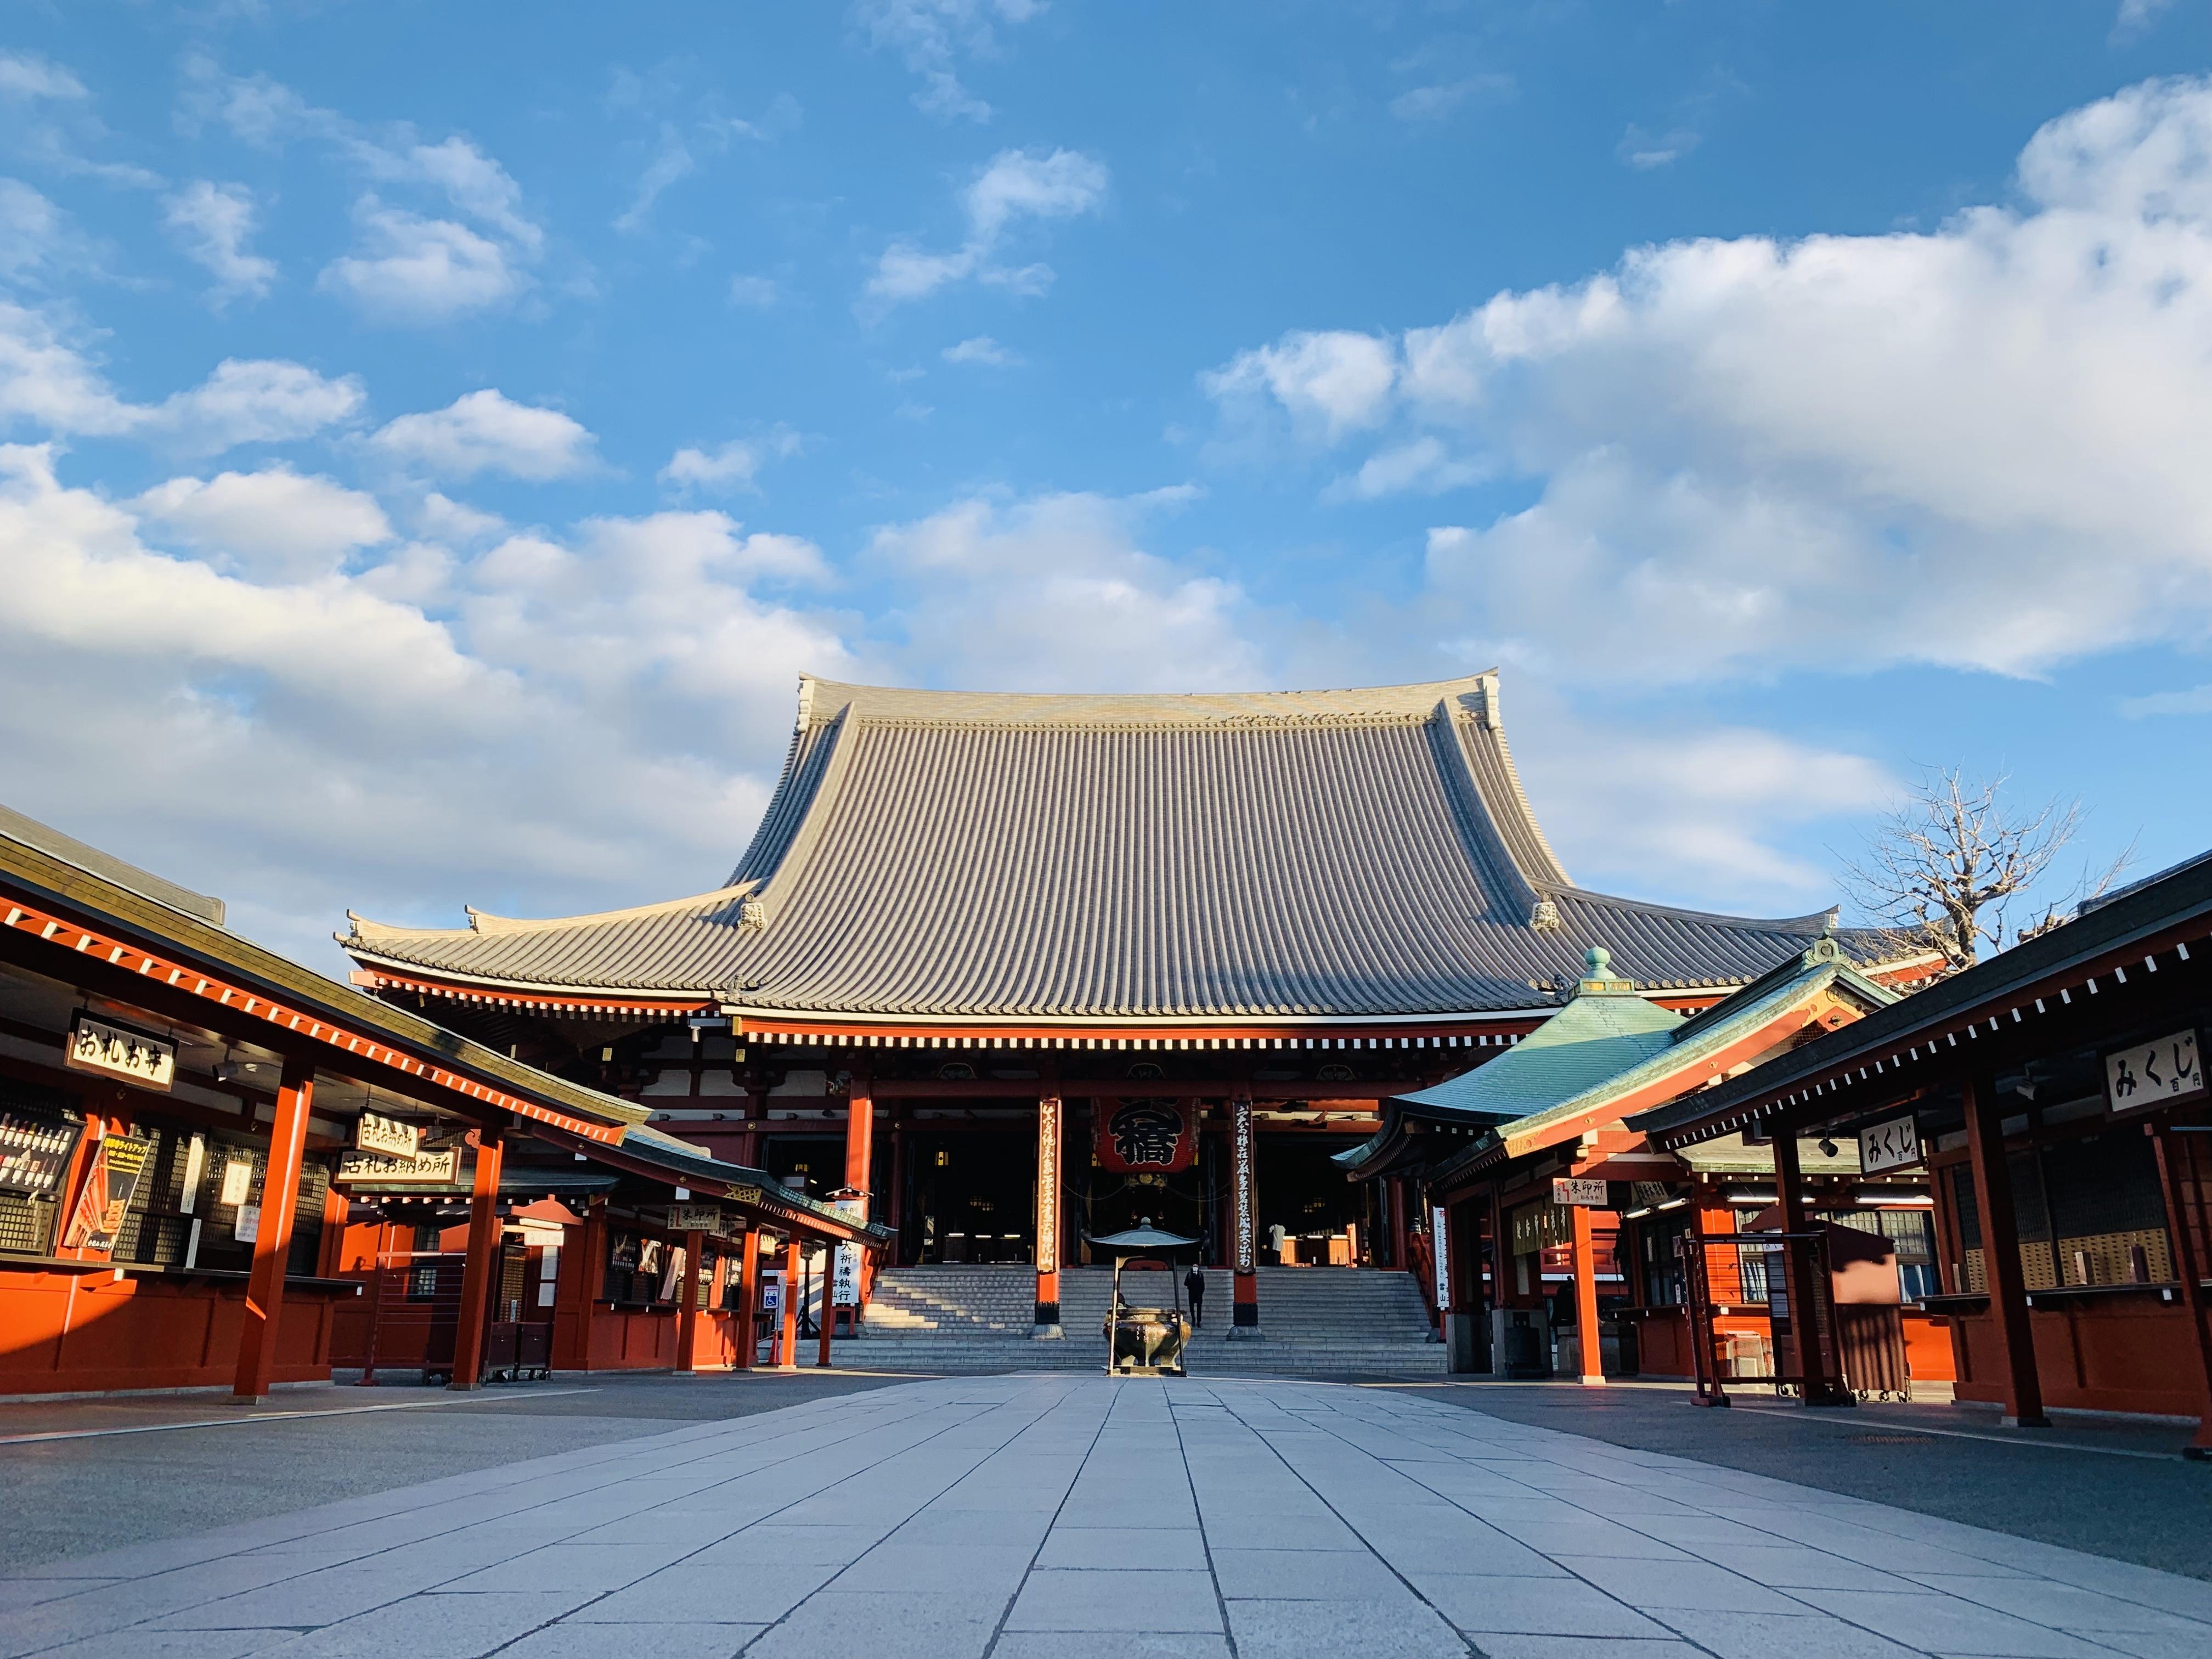 世界一の浅草寺と、なんでも叶えてくれる神様